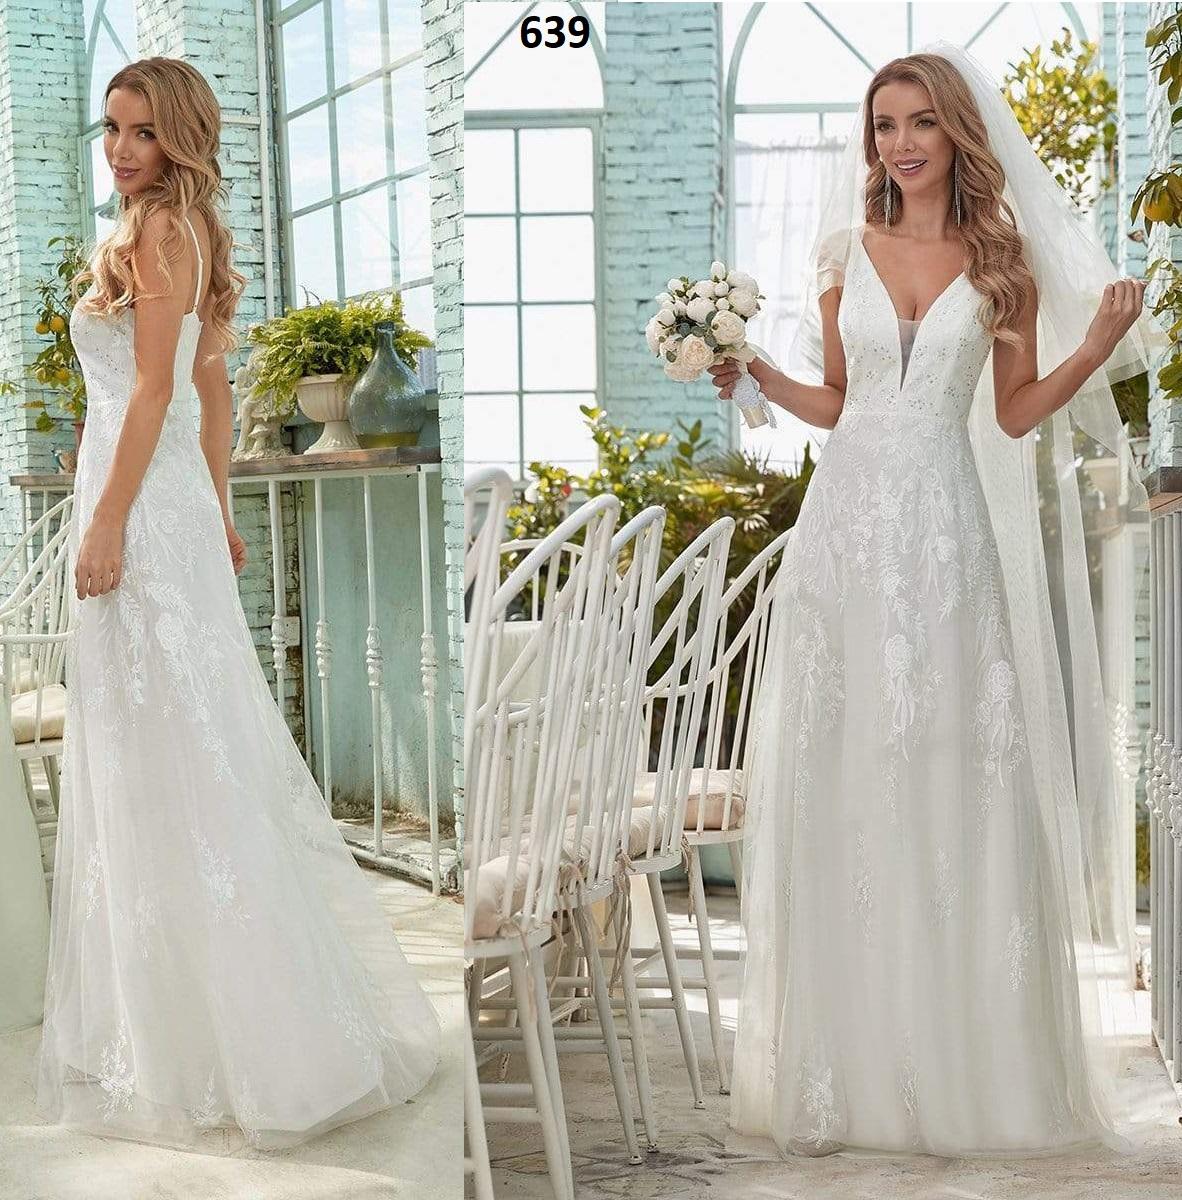 Vestido Novia Largo 639 talla 38